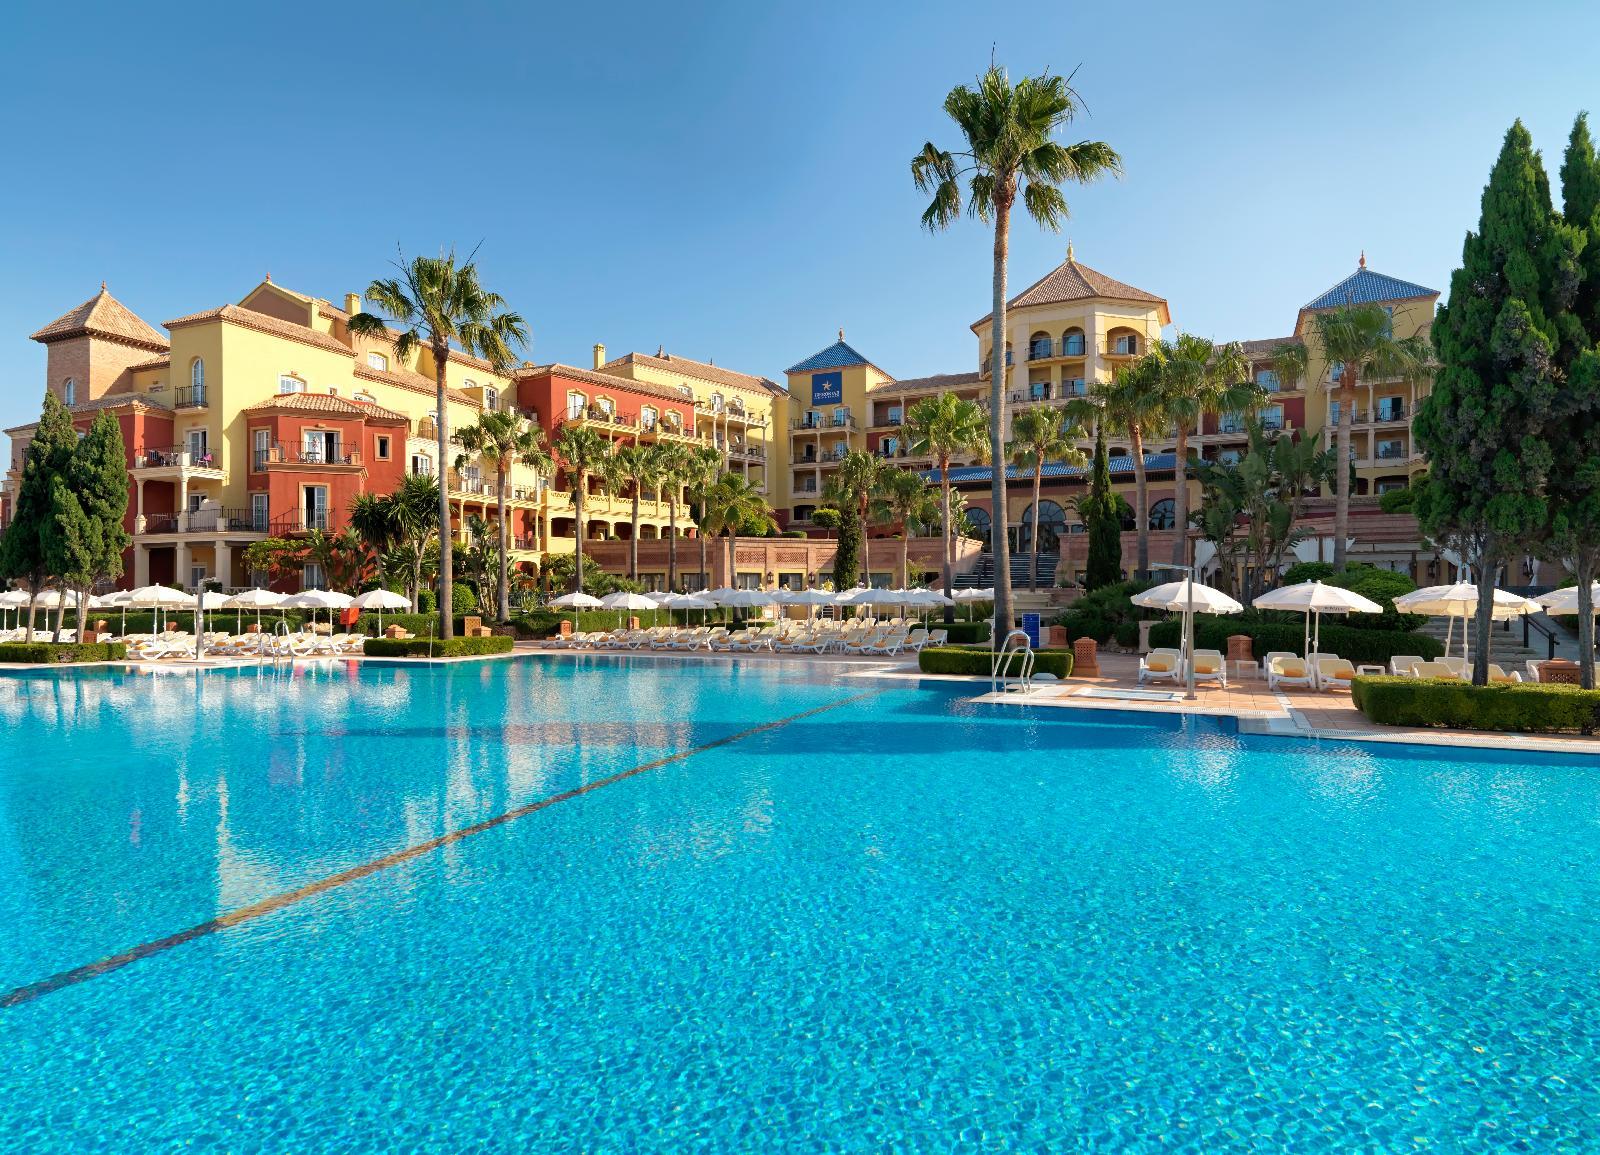 Iberostar m laga playa en torrox desde 93 for Hoteles con piscina climatizada en andalucia